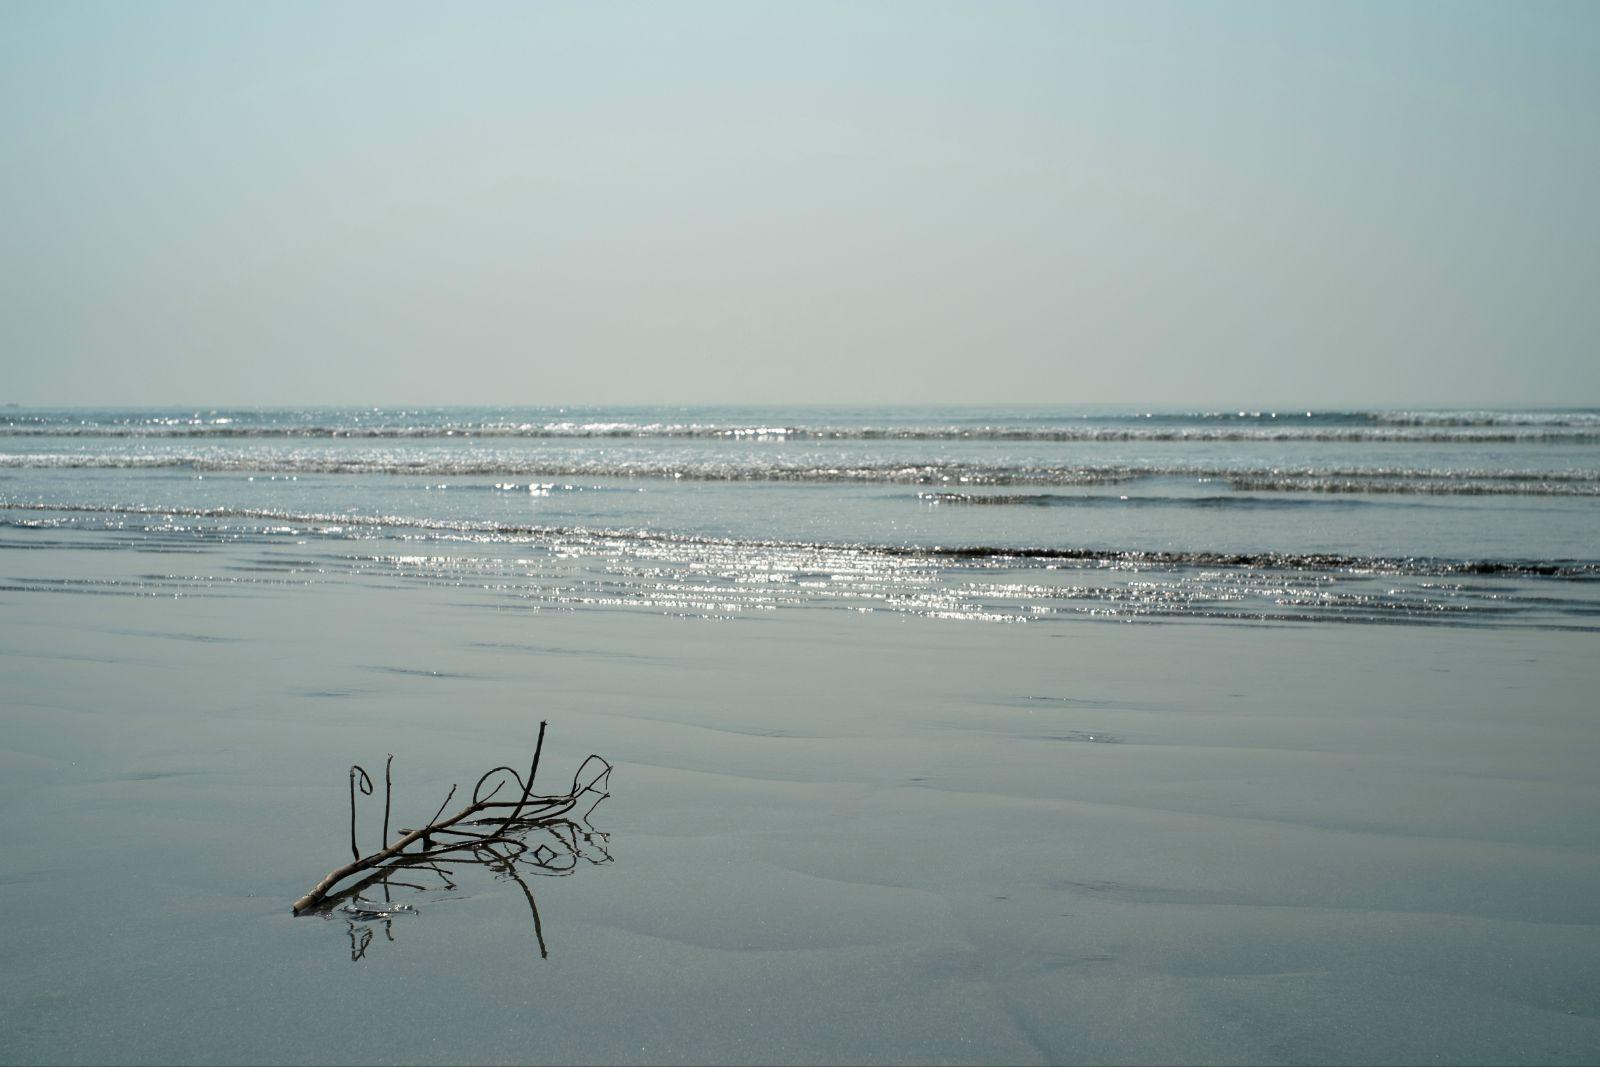 摄影欧洲海边风景壁纸